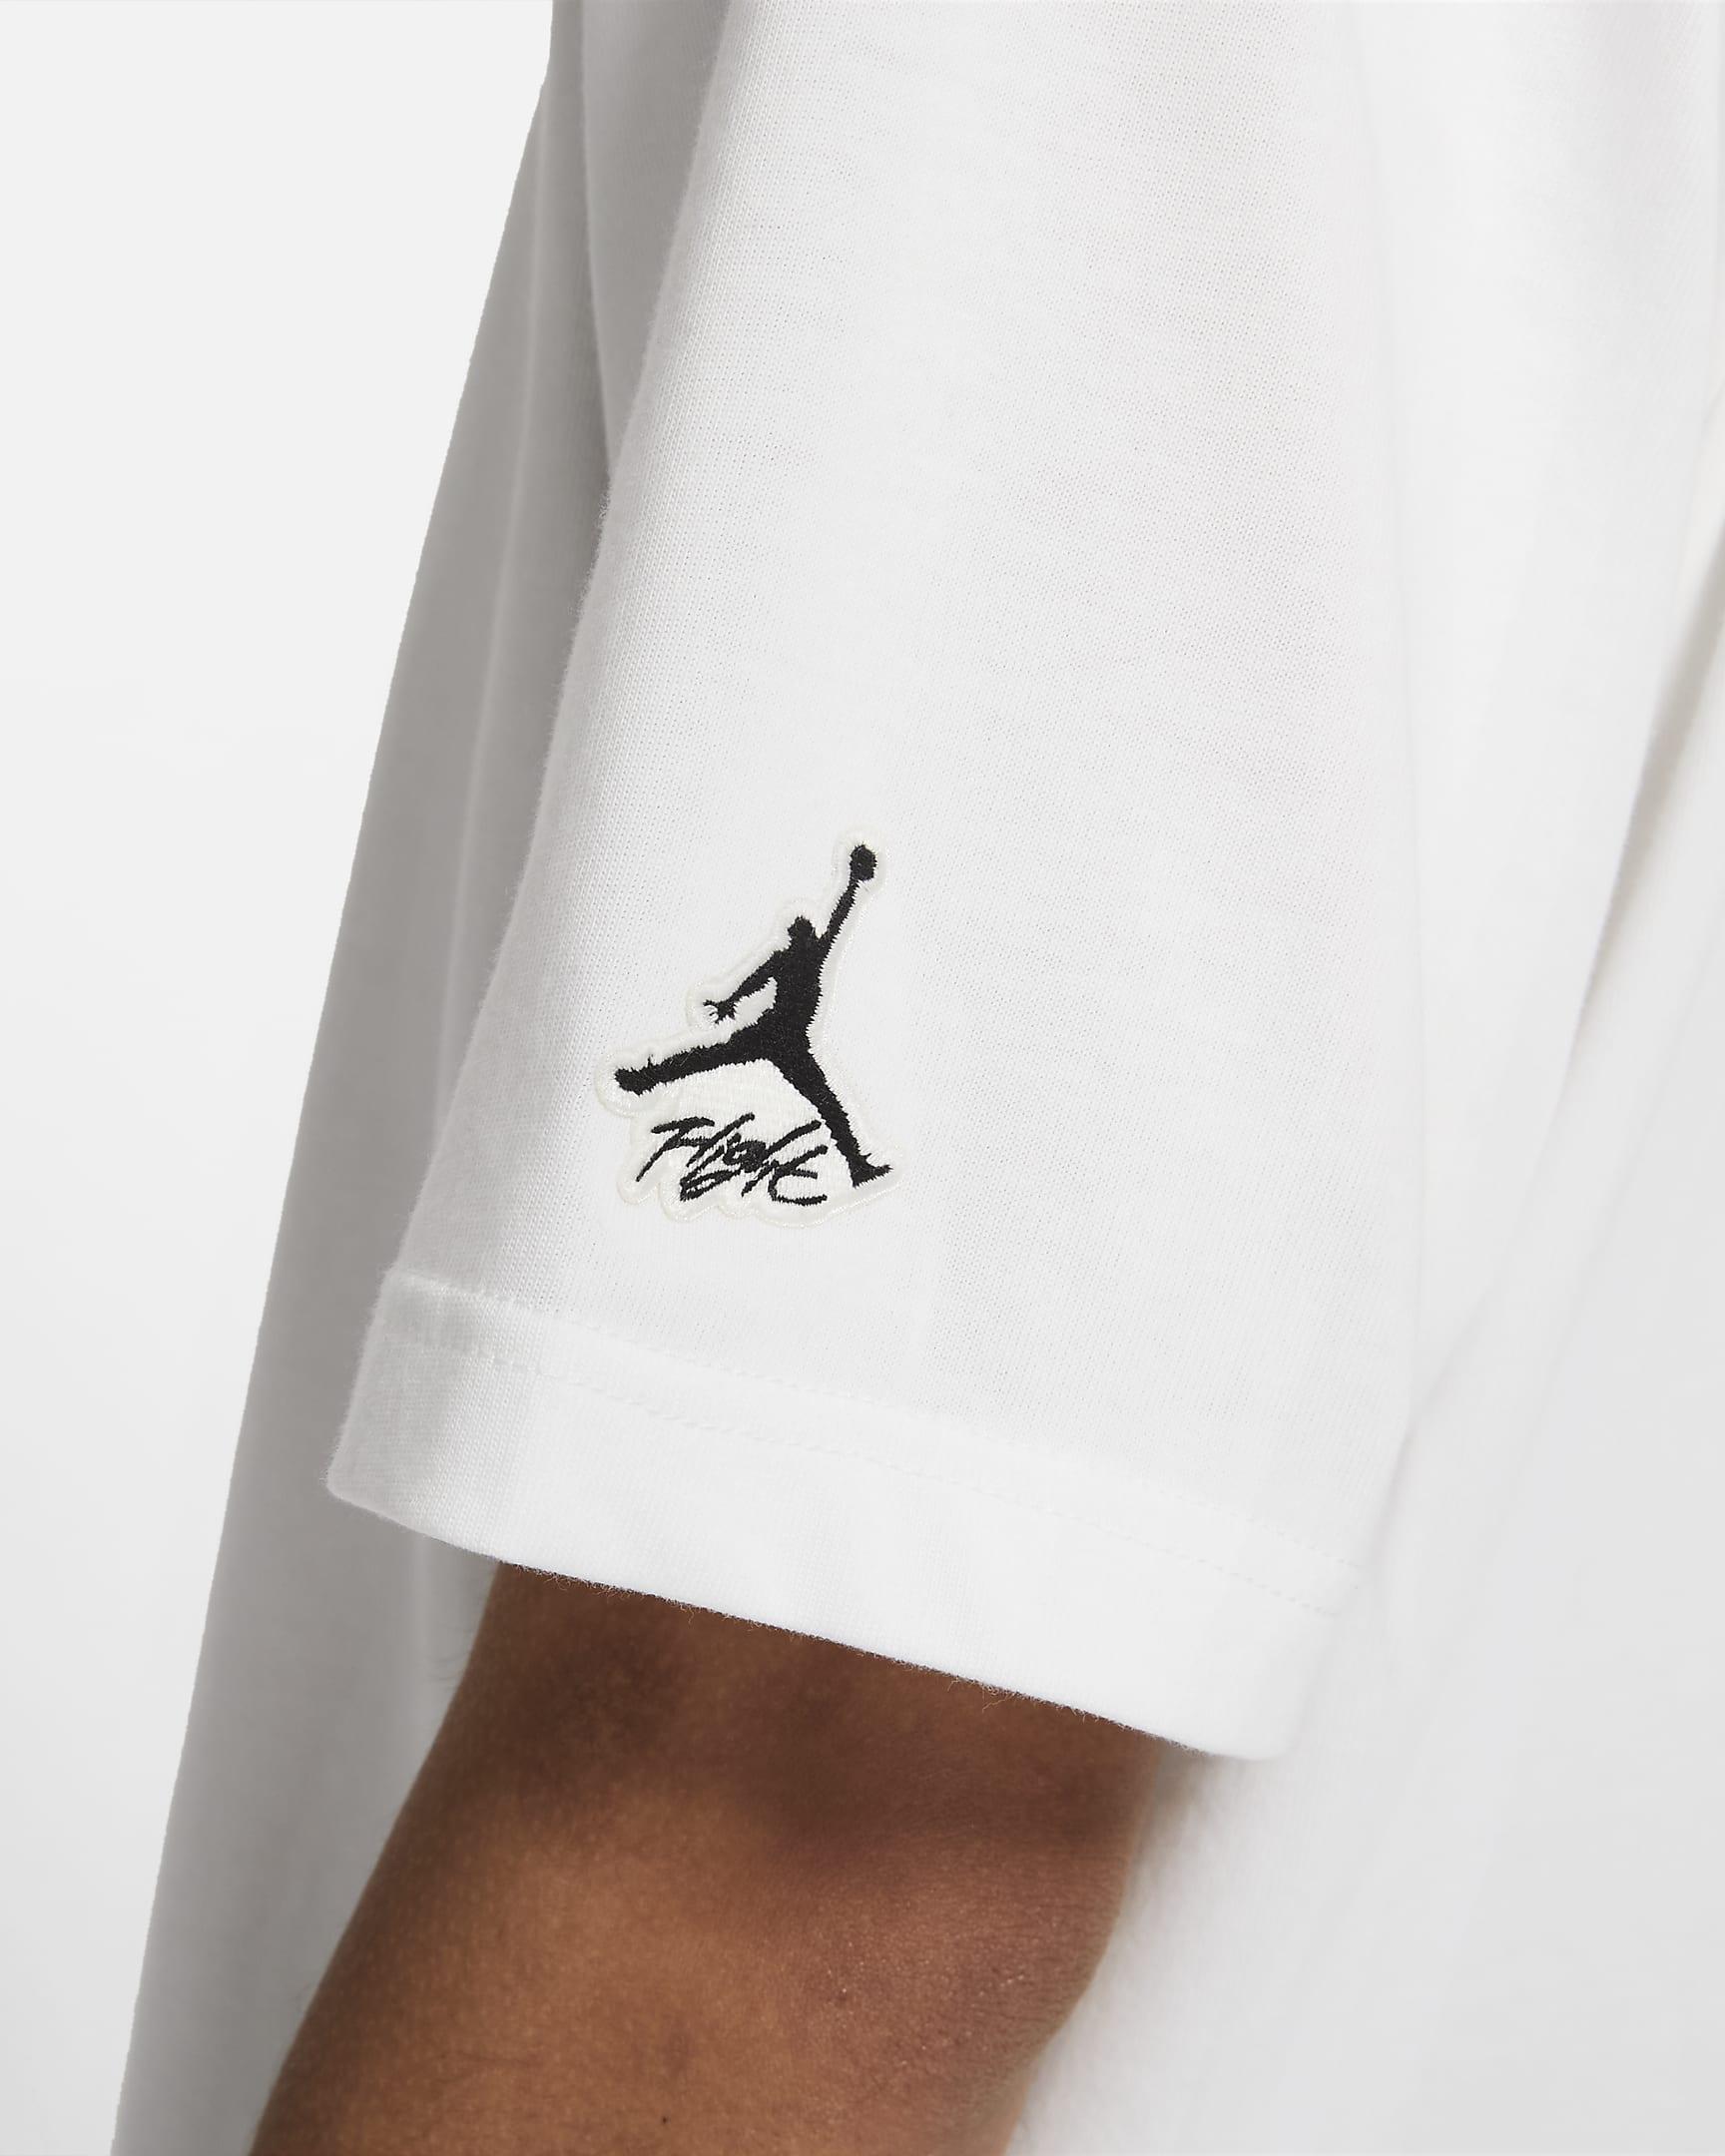 jordan-flight-essentials-mens-short-sleeve-t-shirt-J0tWDs-5.png